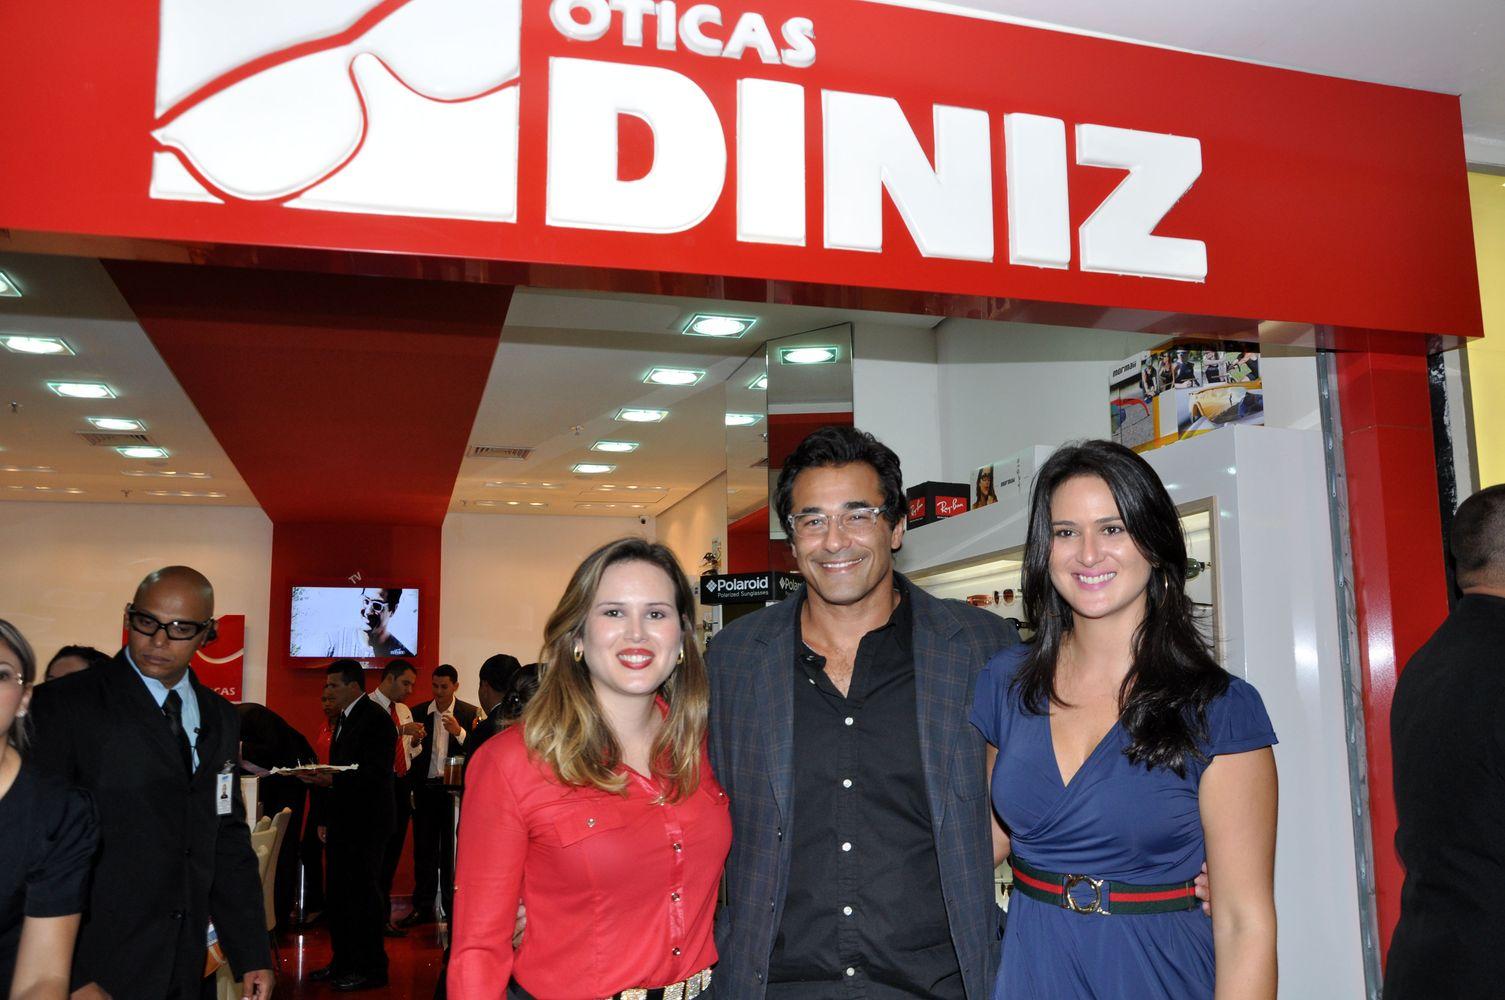 ÓTICAS DINIZ - INAUGURAÇÃO - Luxos e Luxos f545811613